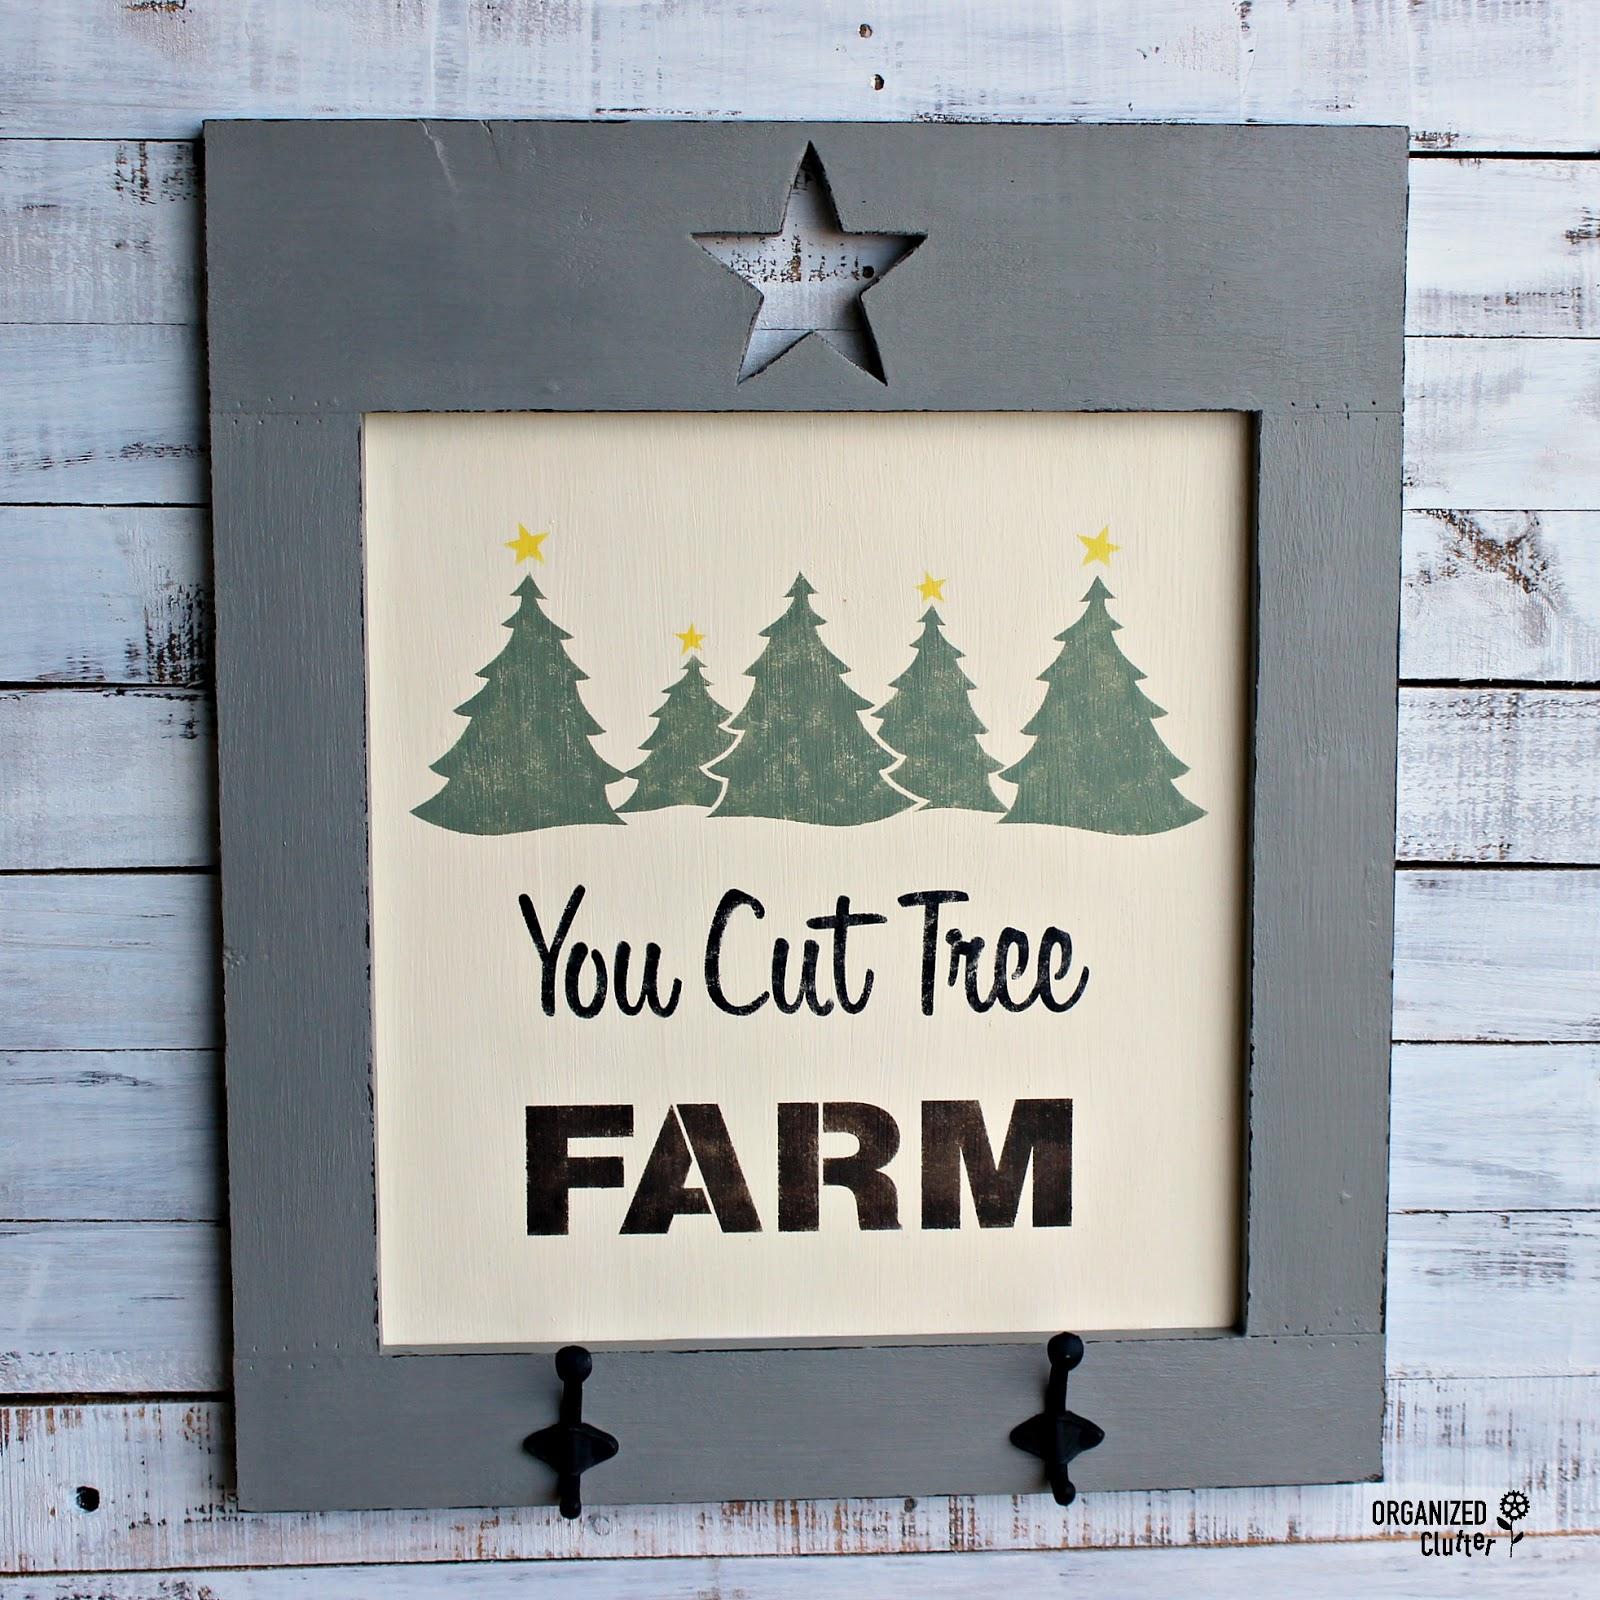 You Cut Tree Farm\